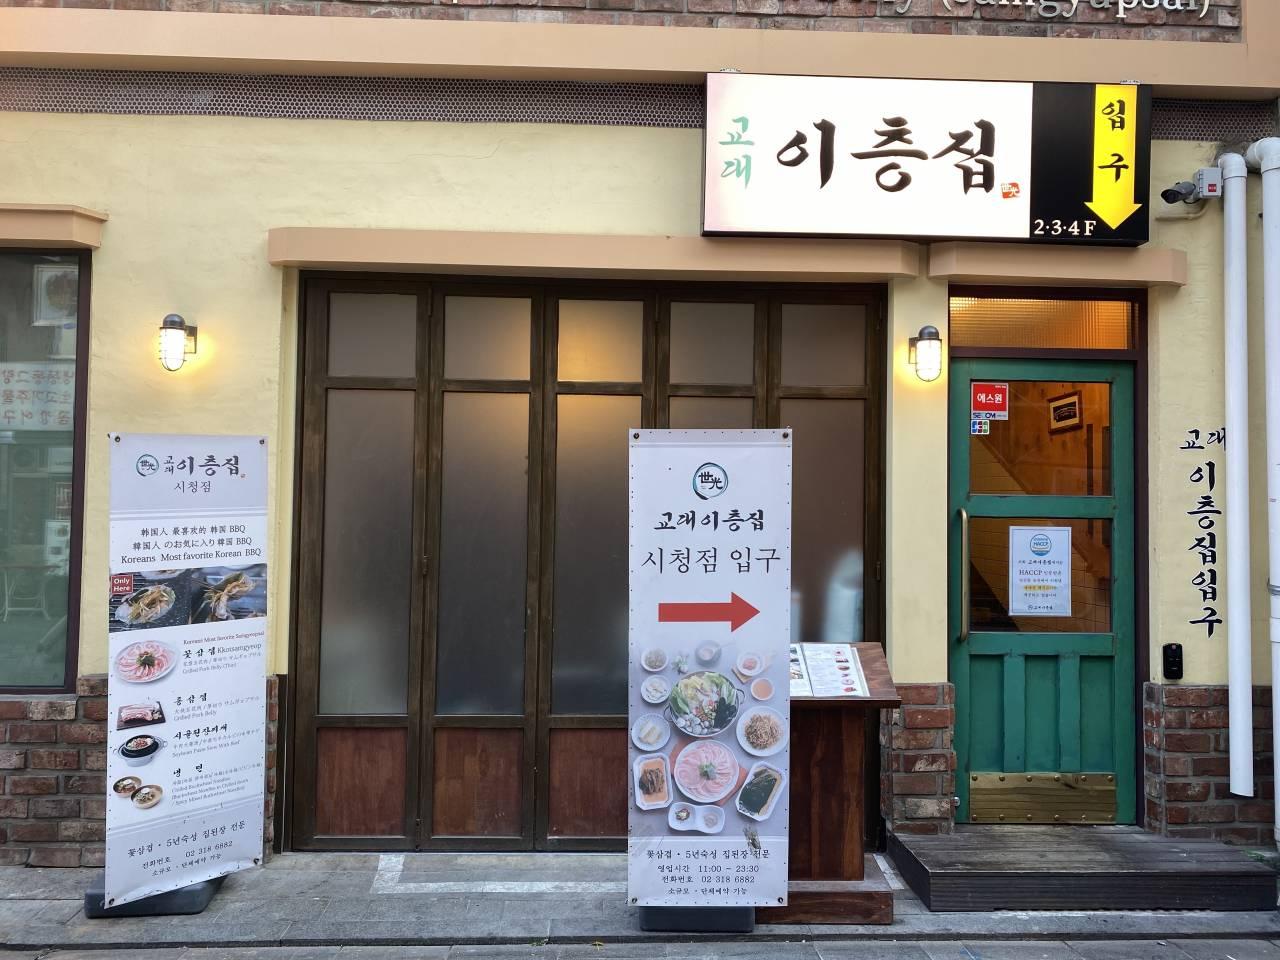 Gyodae Icheungjip Sicheong (교대이층집 시청)